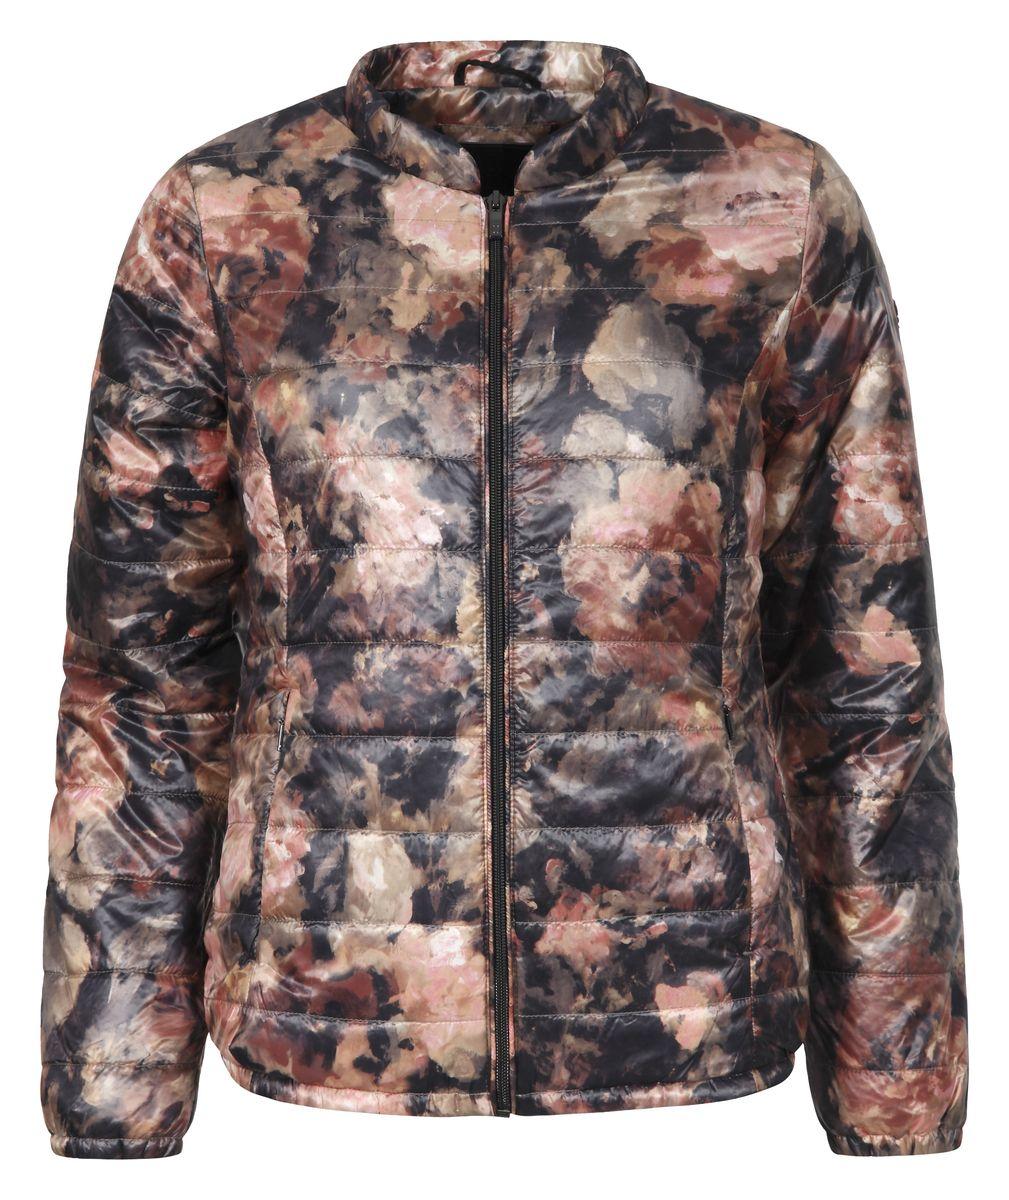 Куртка женская Luhta Isla, цвет: оранжевый, черный. 636479364LV. Размер 38 (44)636479364LVЖенская куртка Luhta Piiku с длинными рукавами и круглым вырезом горловины выполнена из полиамида. Наполнитель - синтепон. Куртка застегивается на застежку-молнию спереди. Изделие оснащено двумя втачными карманами на молниях спереди и внутренним втачным карманом на застежке-молнии. Куртка оформлена красочным цветочным принтом.